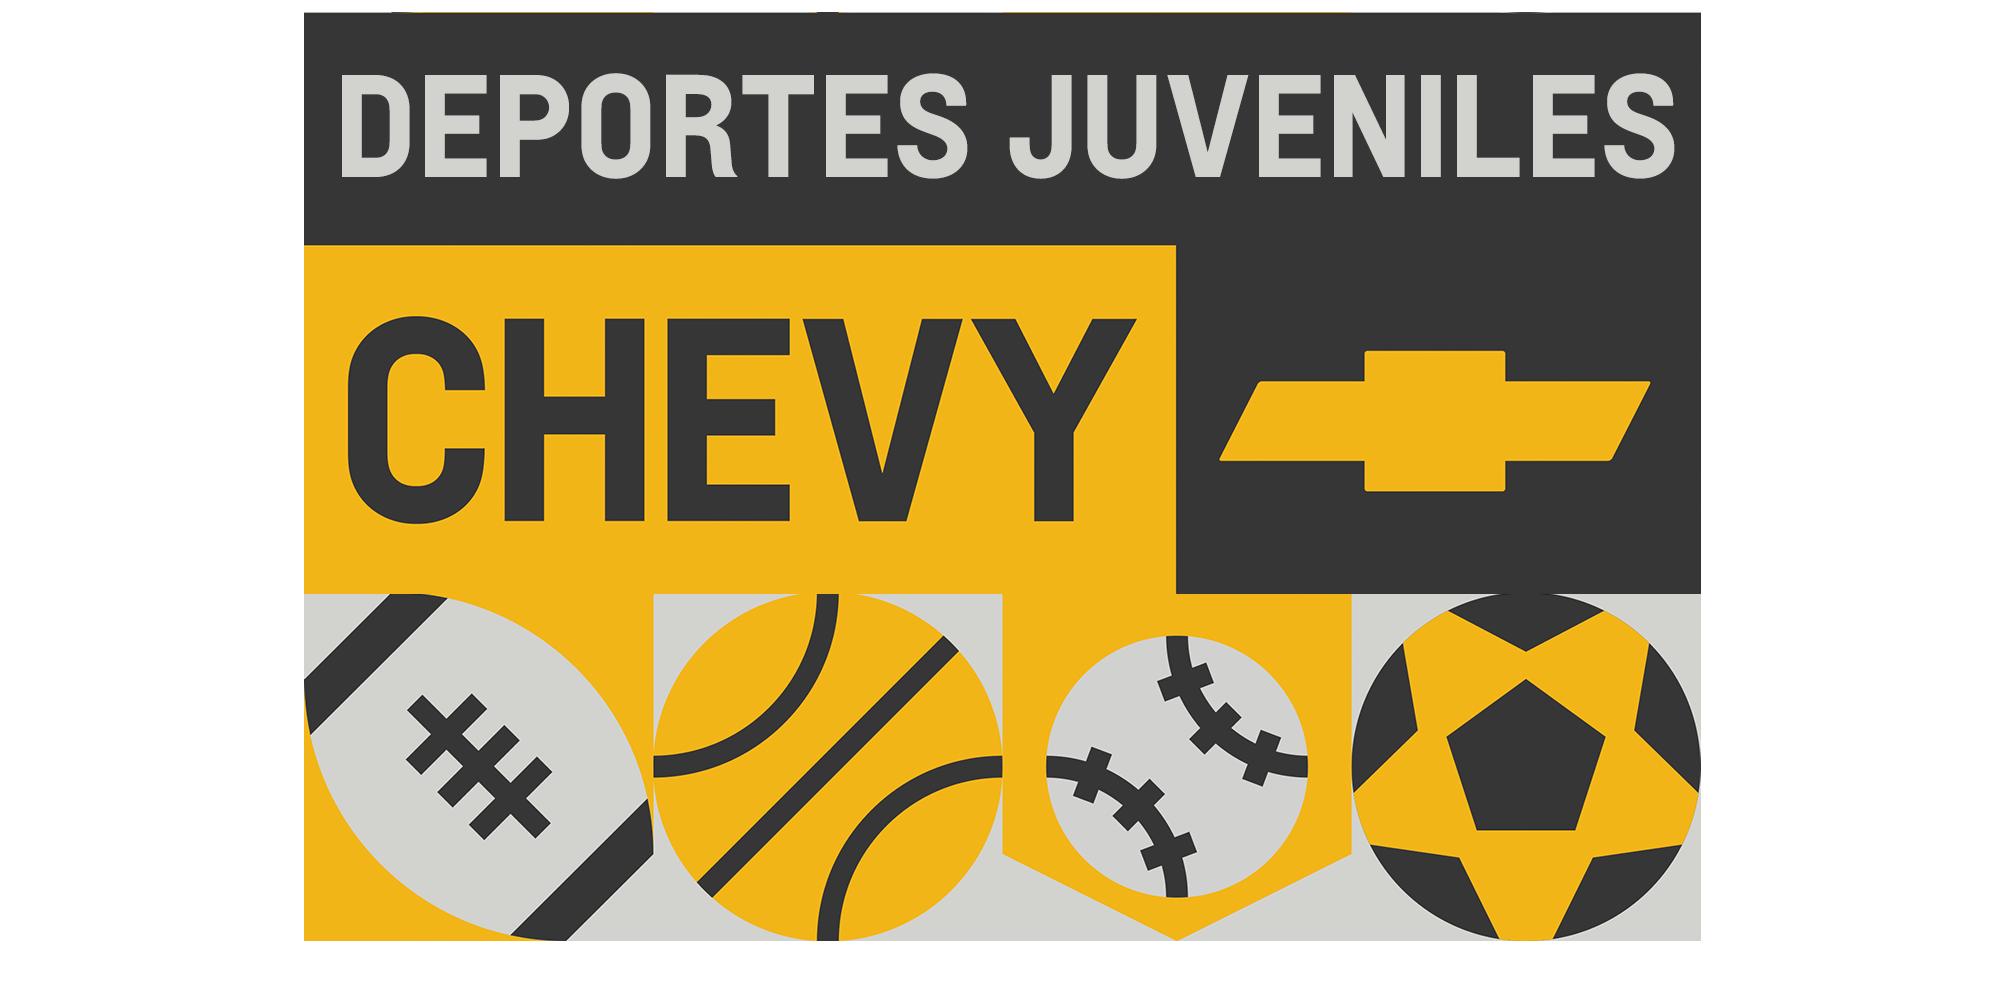 Logo de Deportes juveniles Chevy